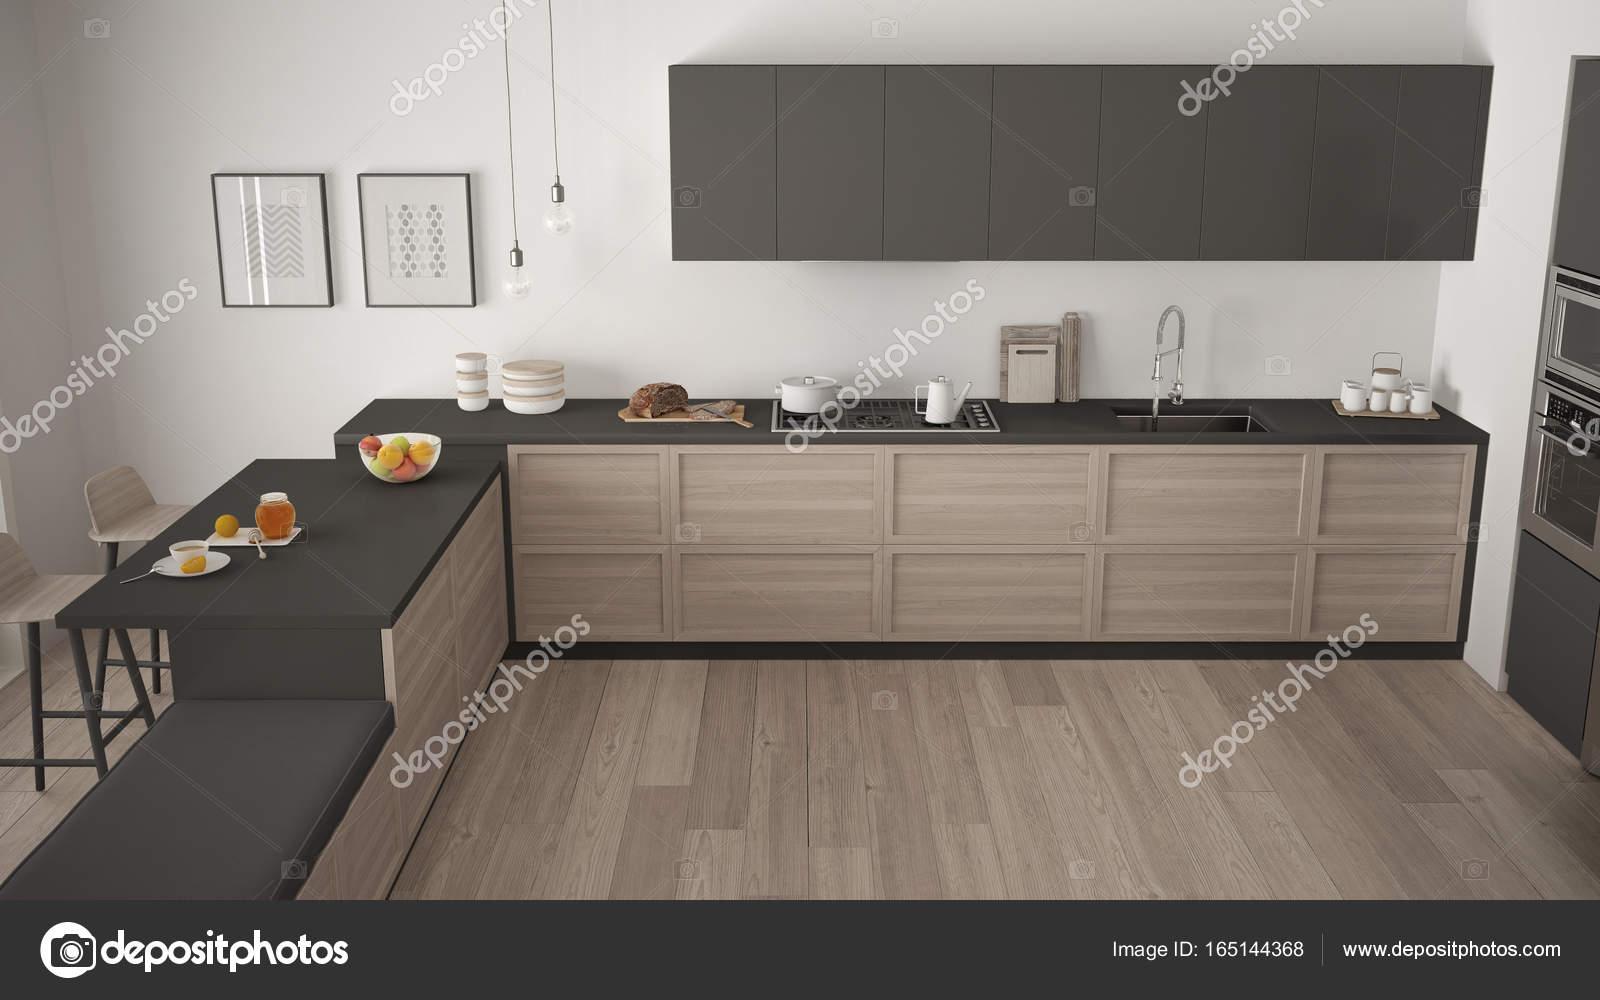 Cucina moderna con dettagli in legno e pavimento in parquet ...